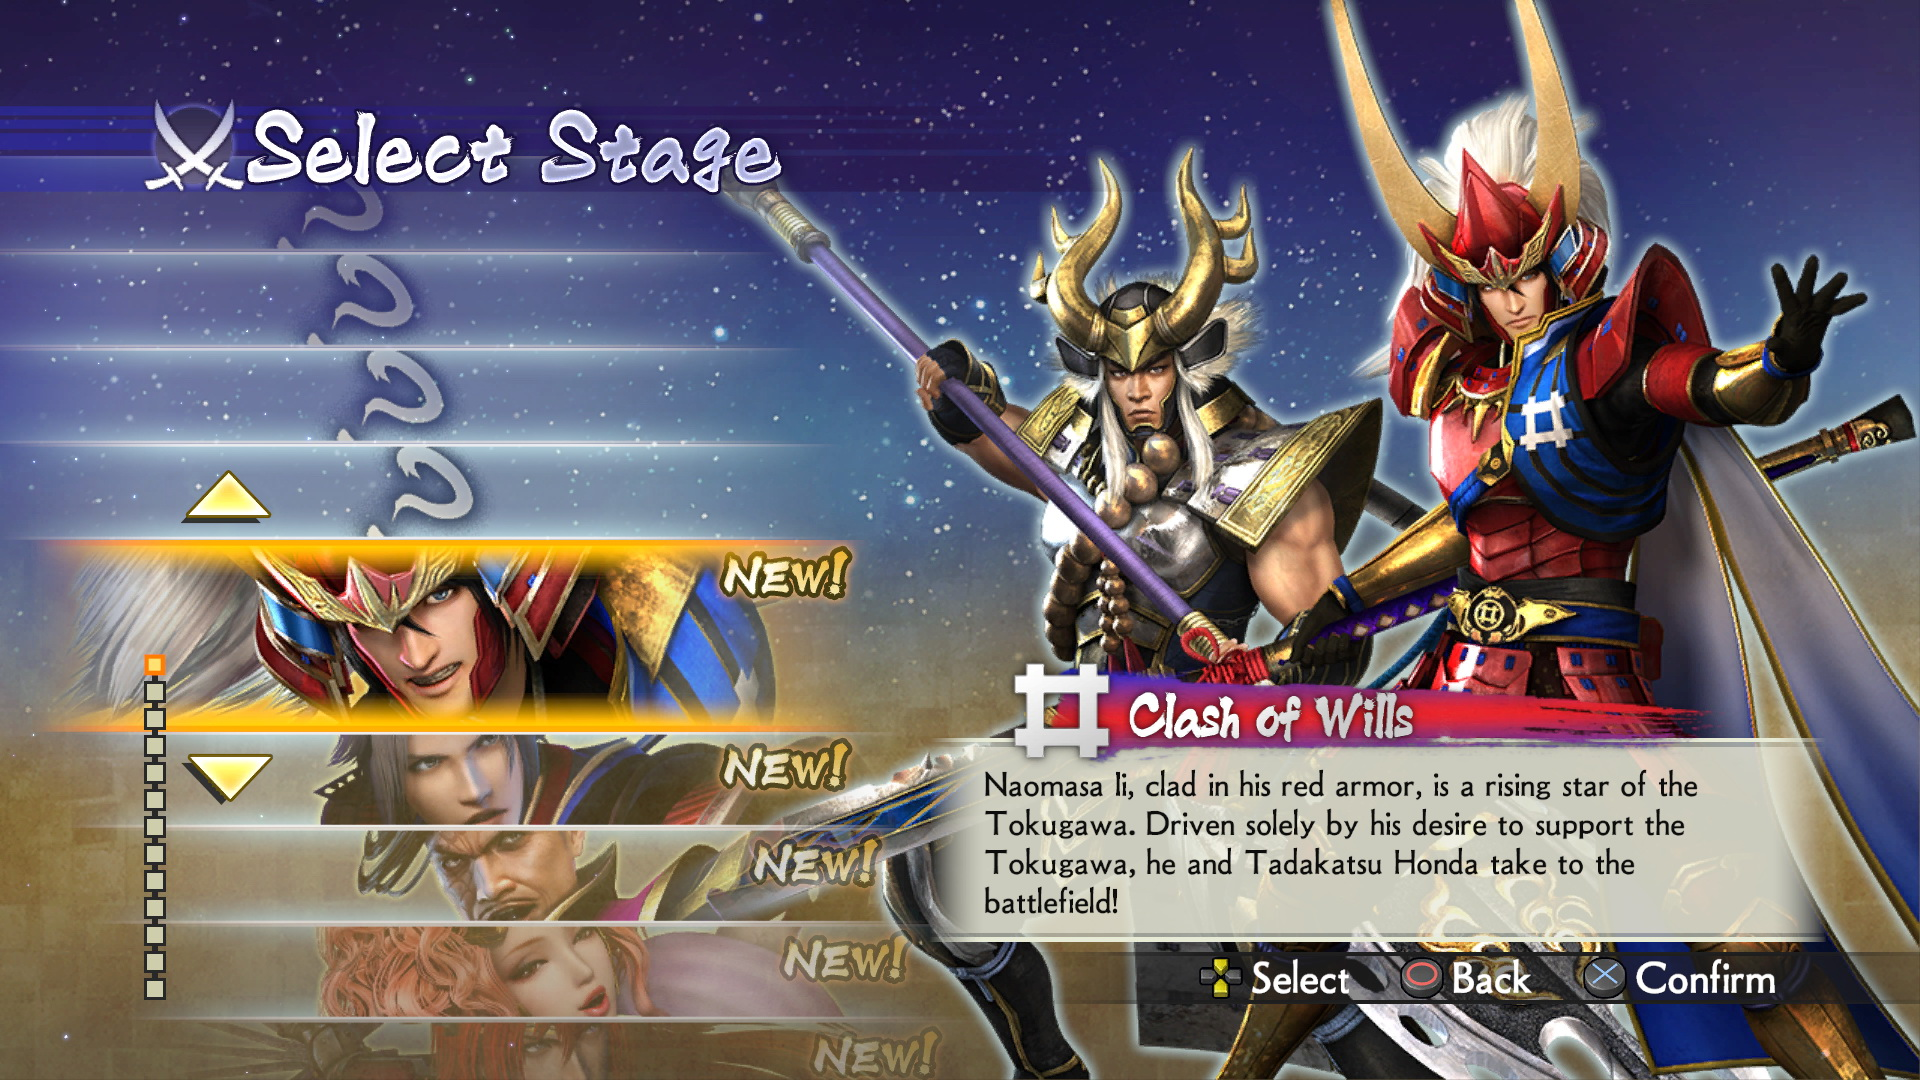 samurai warriors 4-2 story